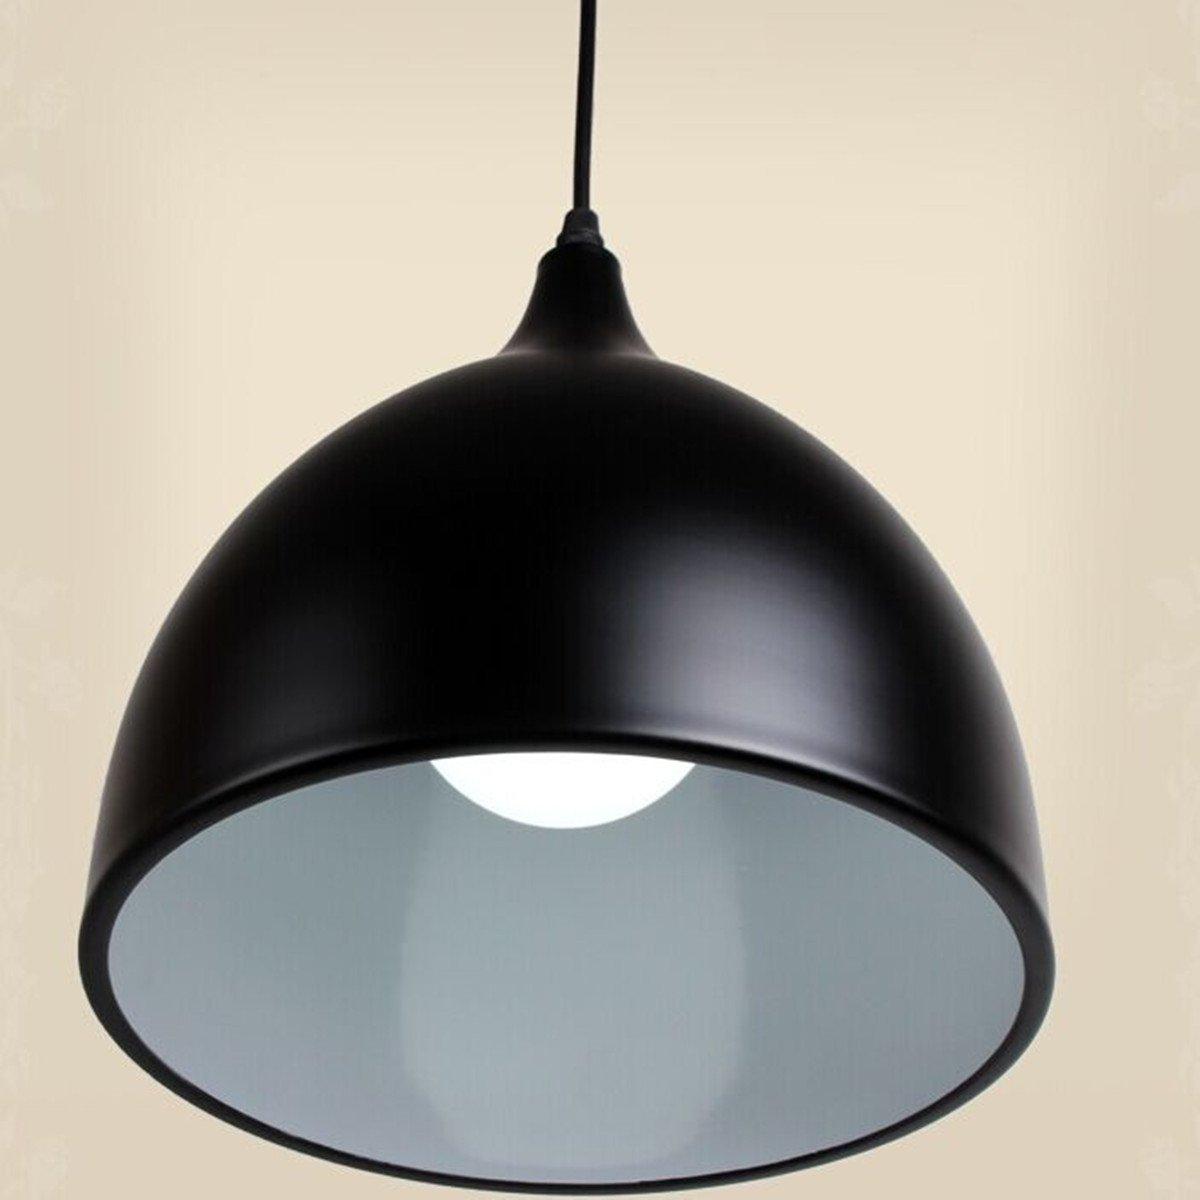 Lannmart 17cm Modern Vintage Single Head Pendant Light Cover Aluminum Pendants Lamp Shape for Restaurant Lamps Dining Room Decor